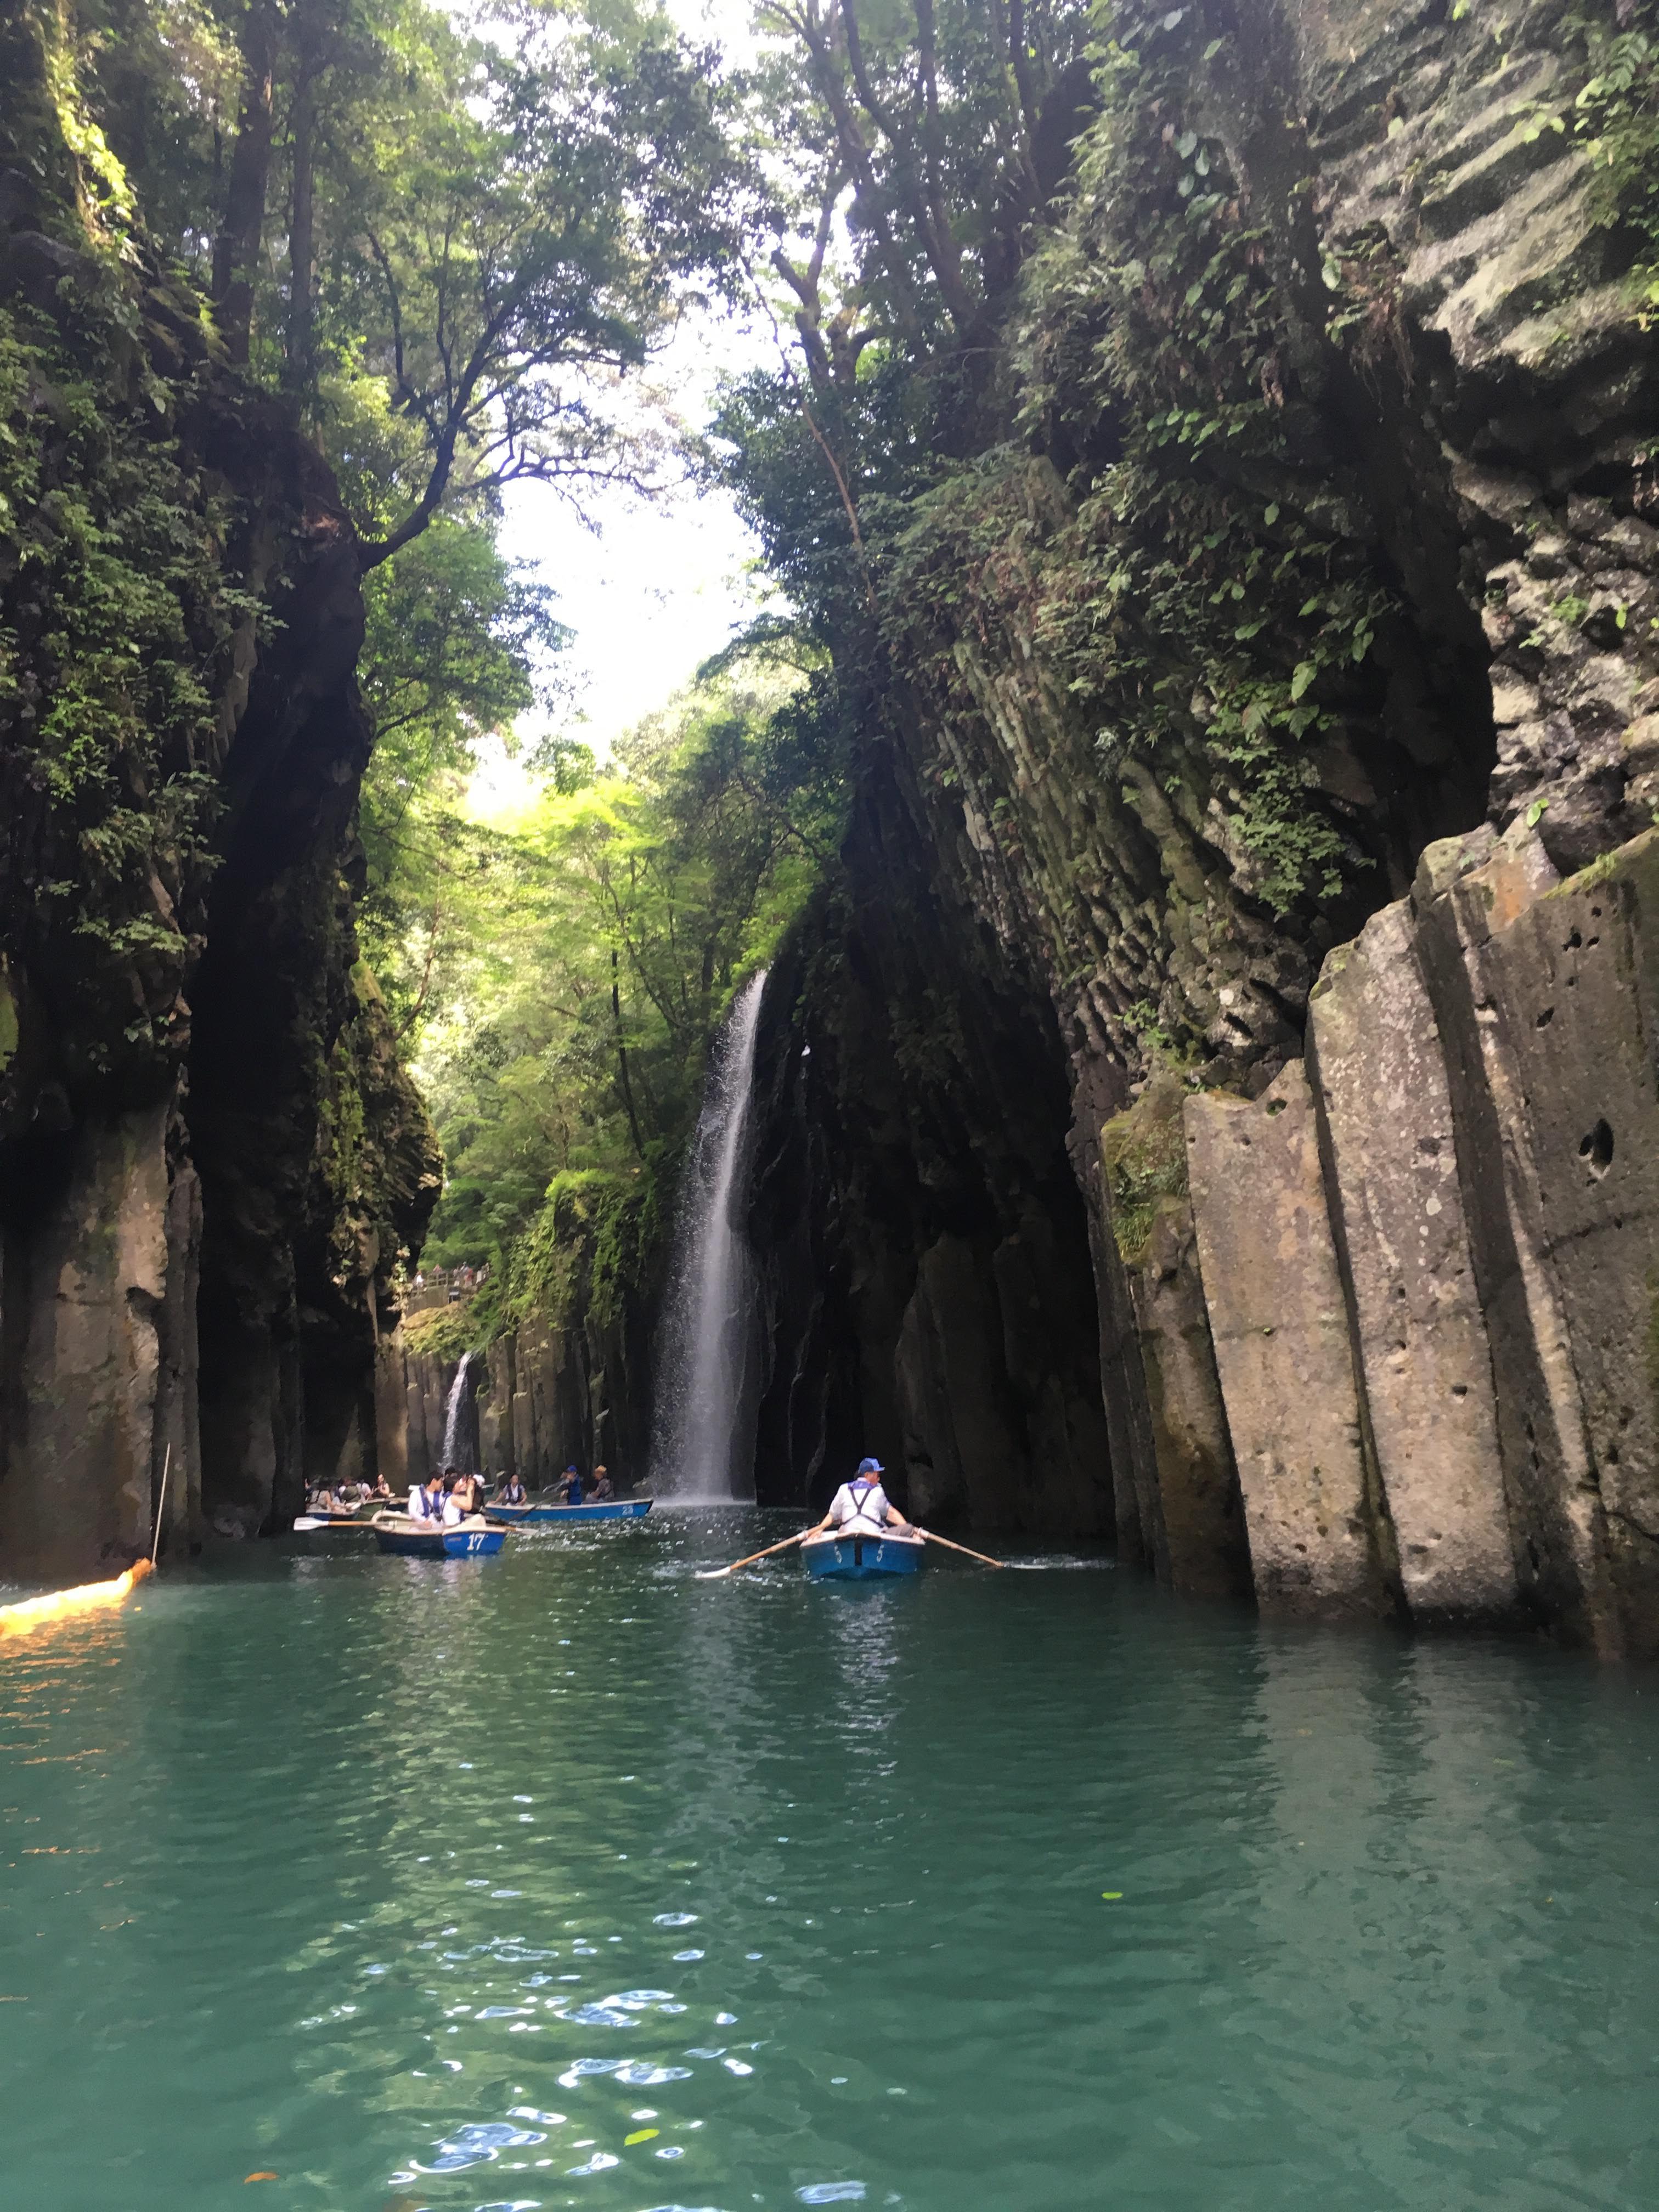 高千穂峡。日本の滝百選の一つである、真名井の滝